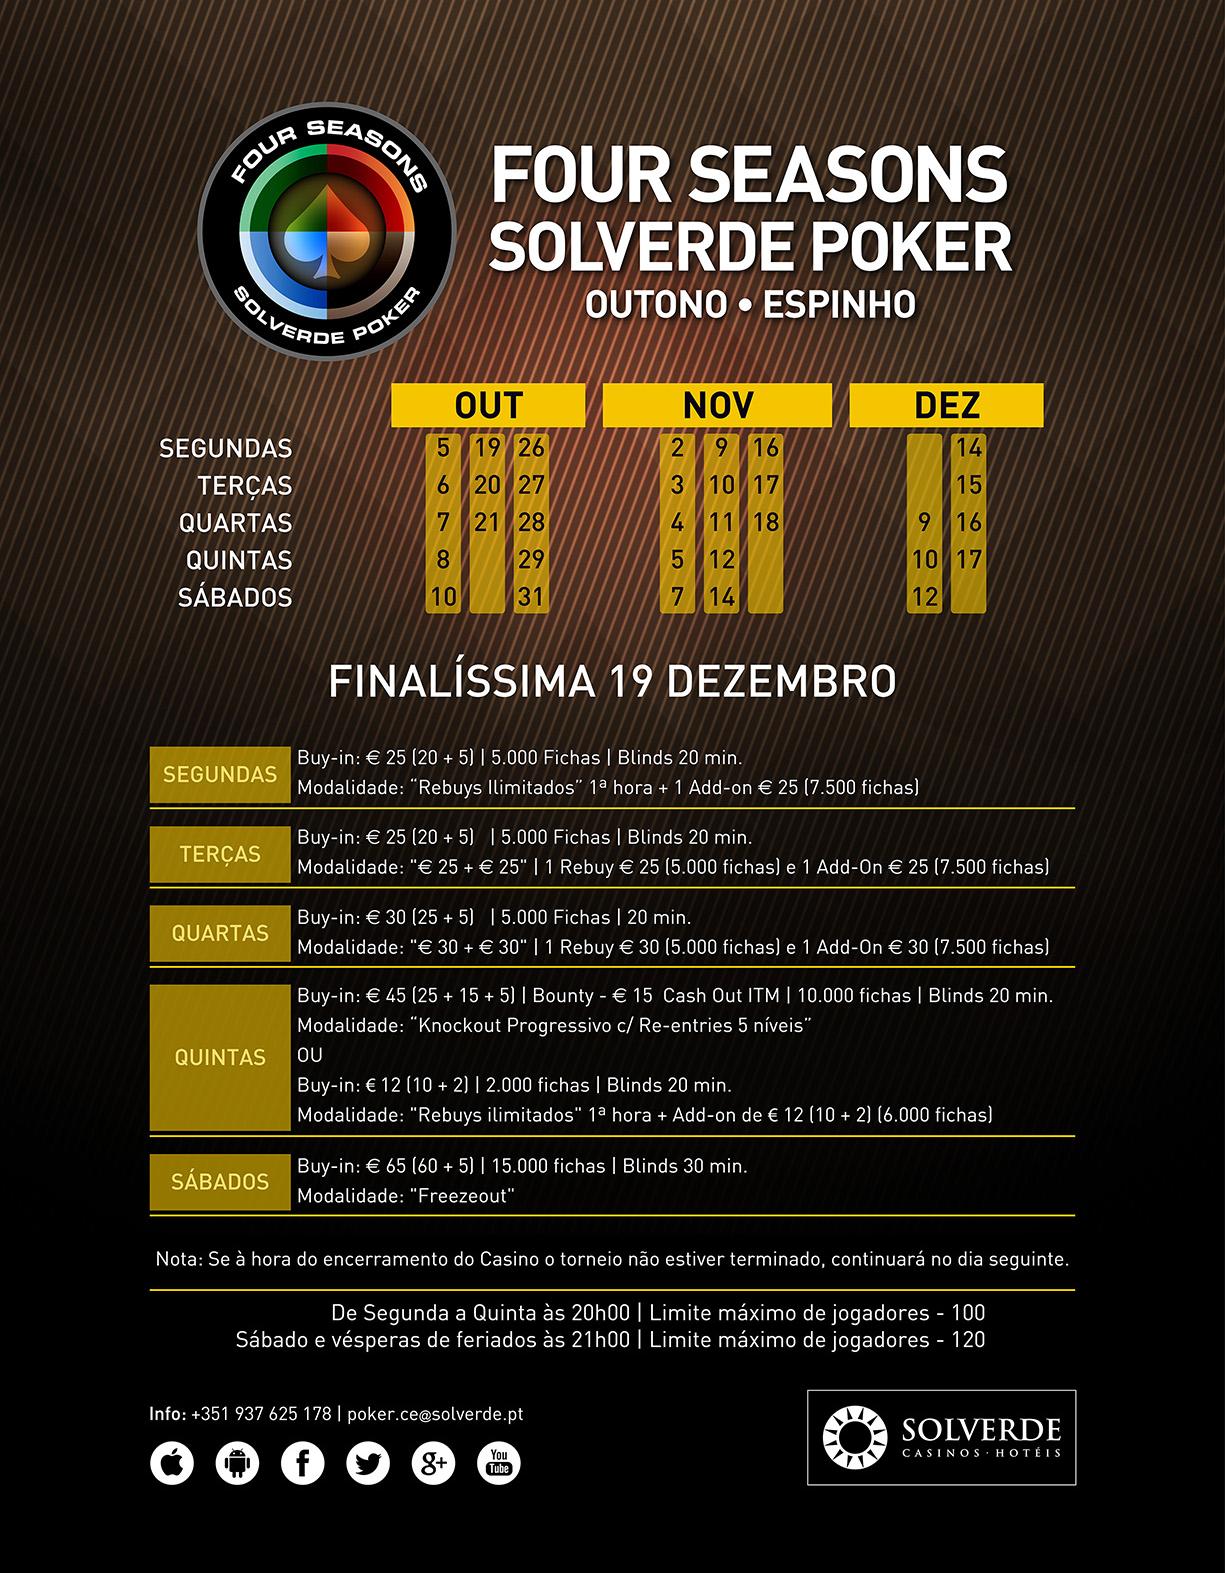 Four Seasons Solverde Poker Outuno Até 17 de Dezembro no Casino de Espinho 101